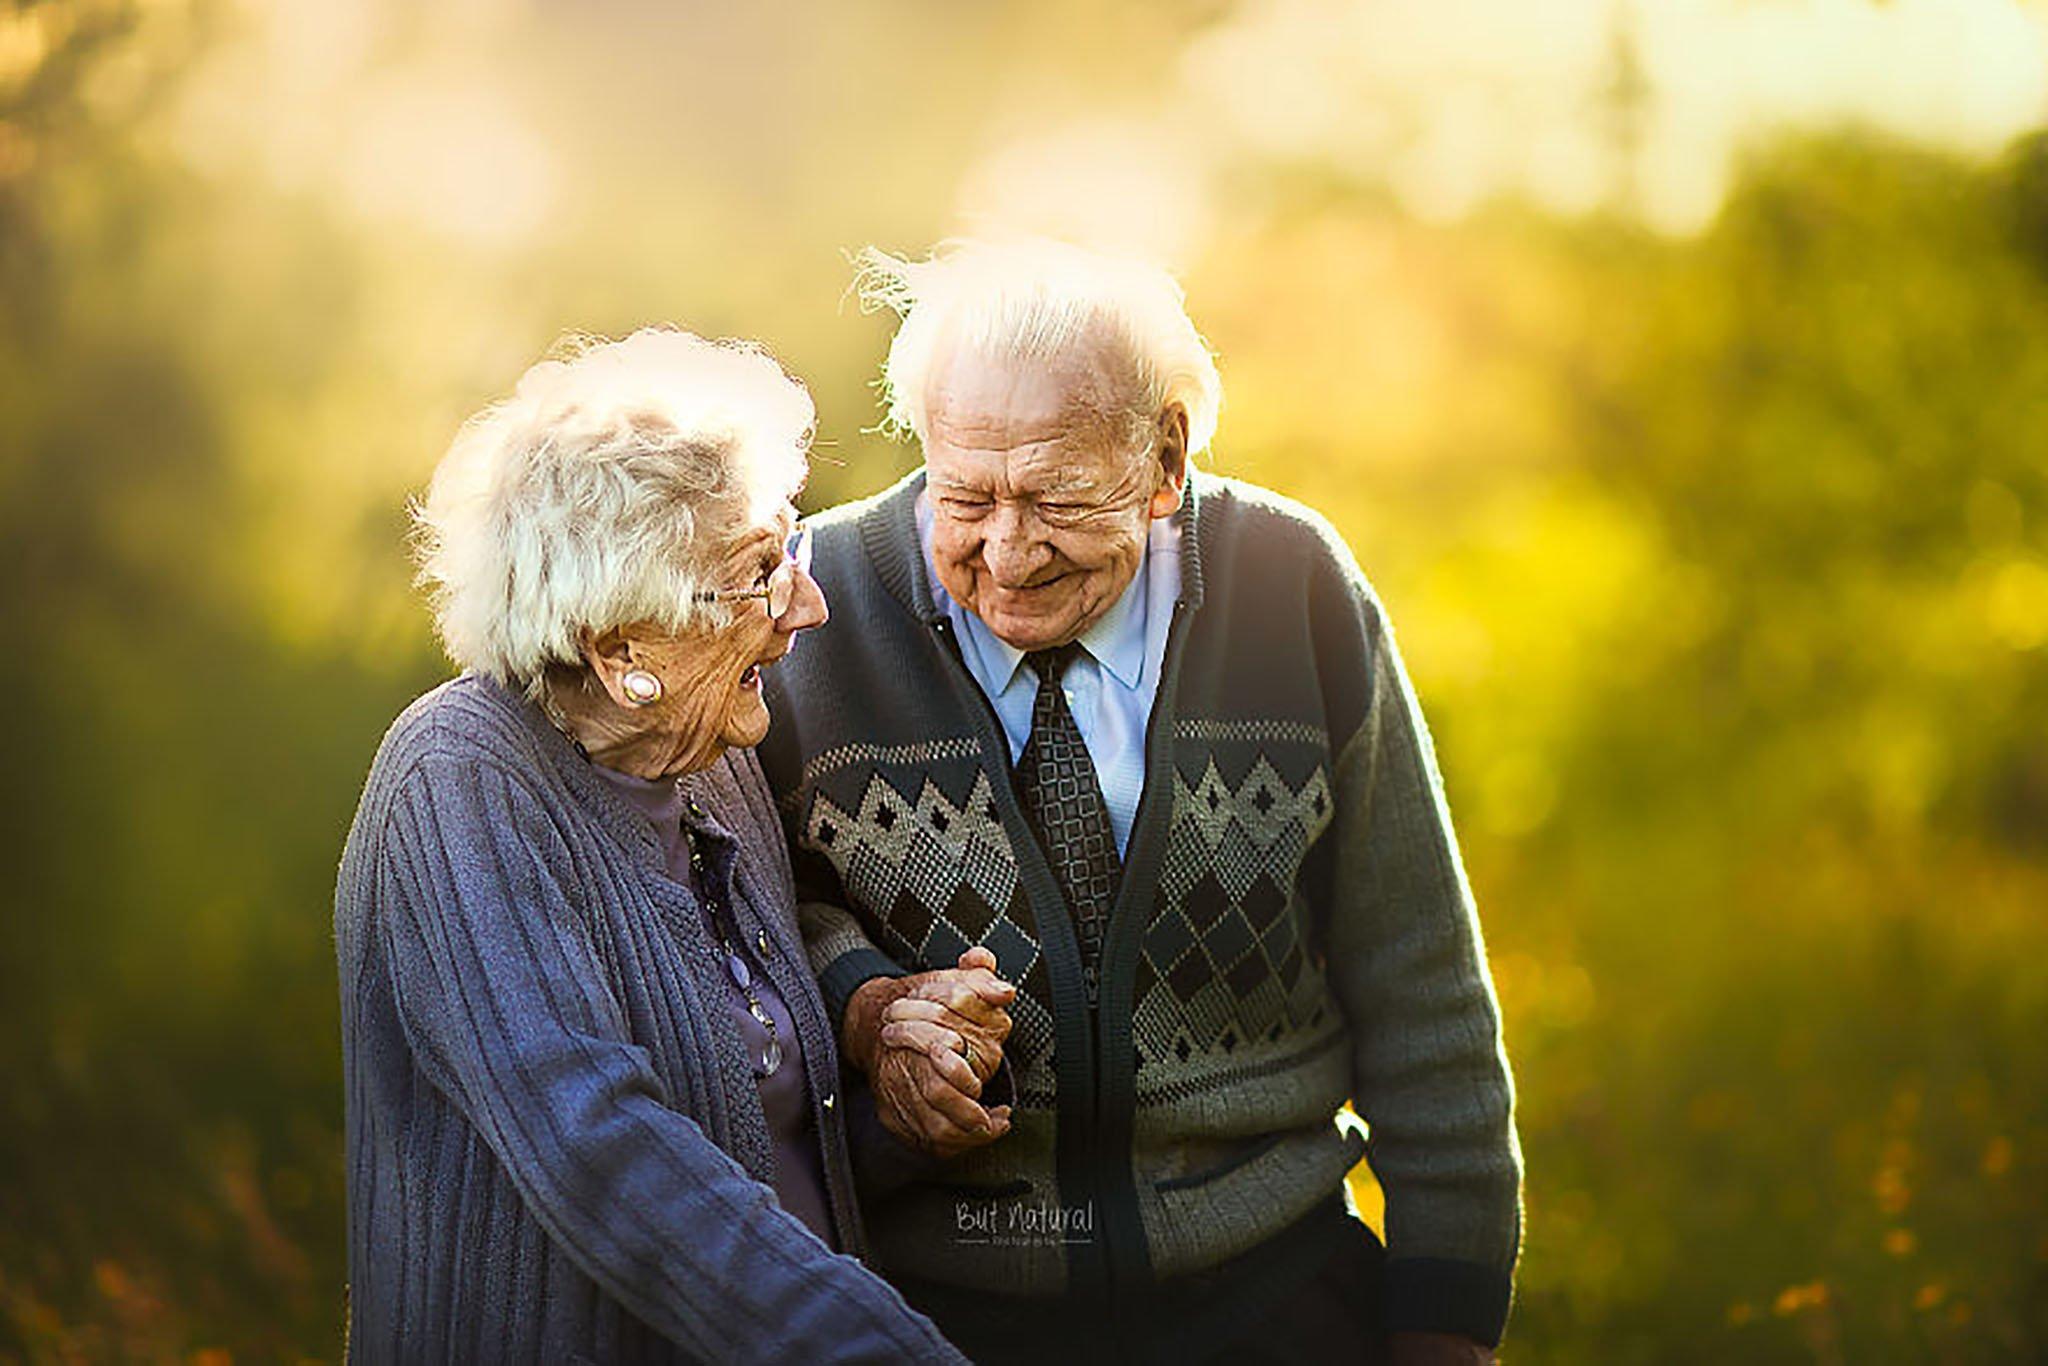 Hóa ra, tình yêu luôn ở khắp mọi nơi!